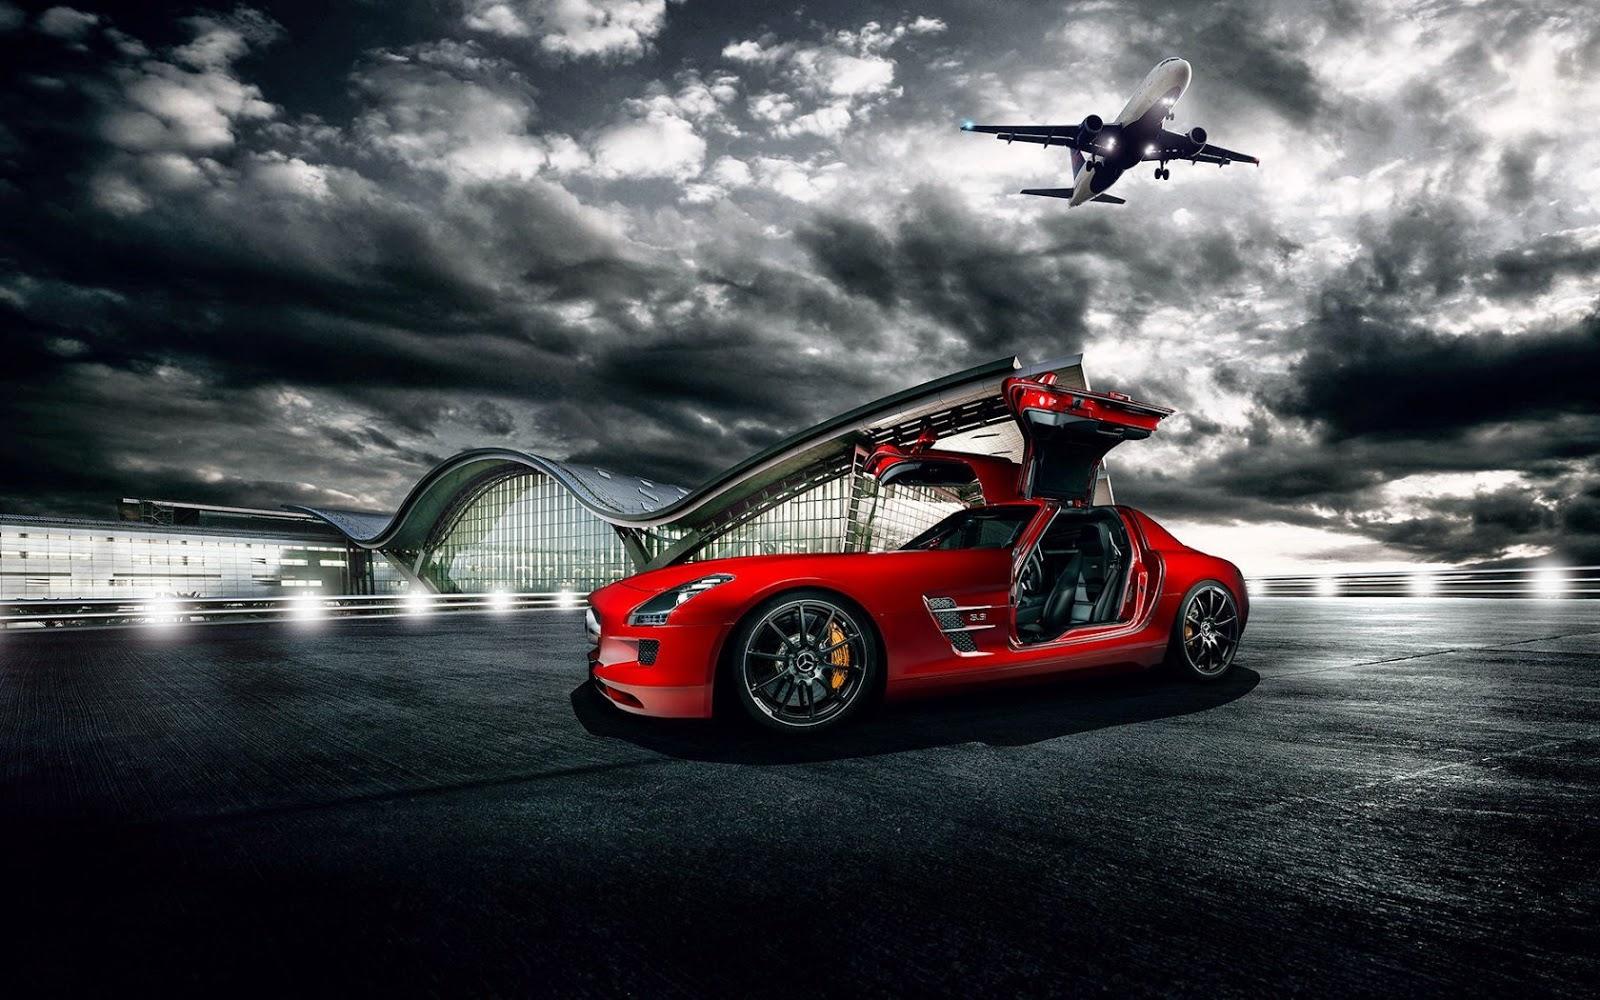 Download Wallpaper Mobil Sport Bergerak: Gambar Mobil Balap, Mobil Sport, Dan Mobil Mewah Yang